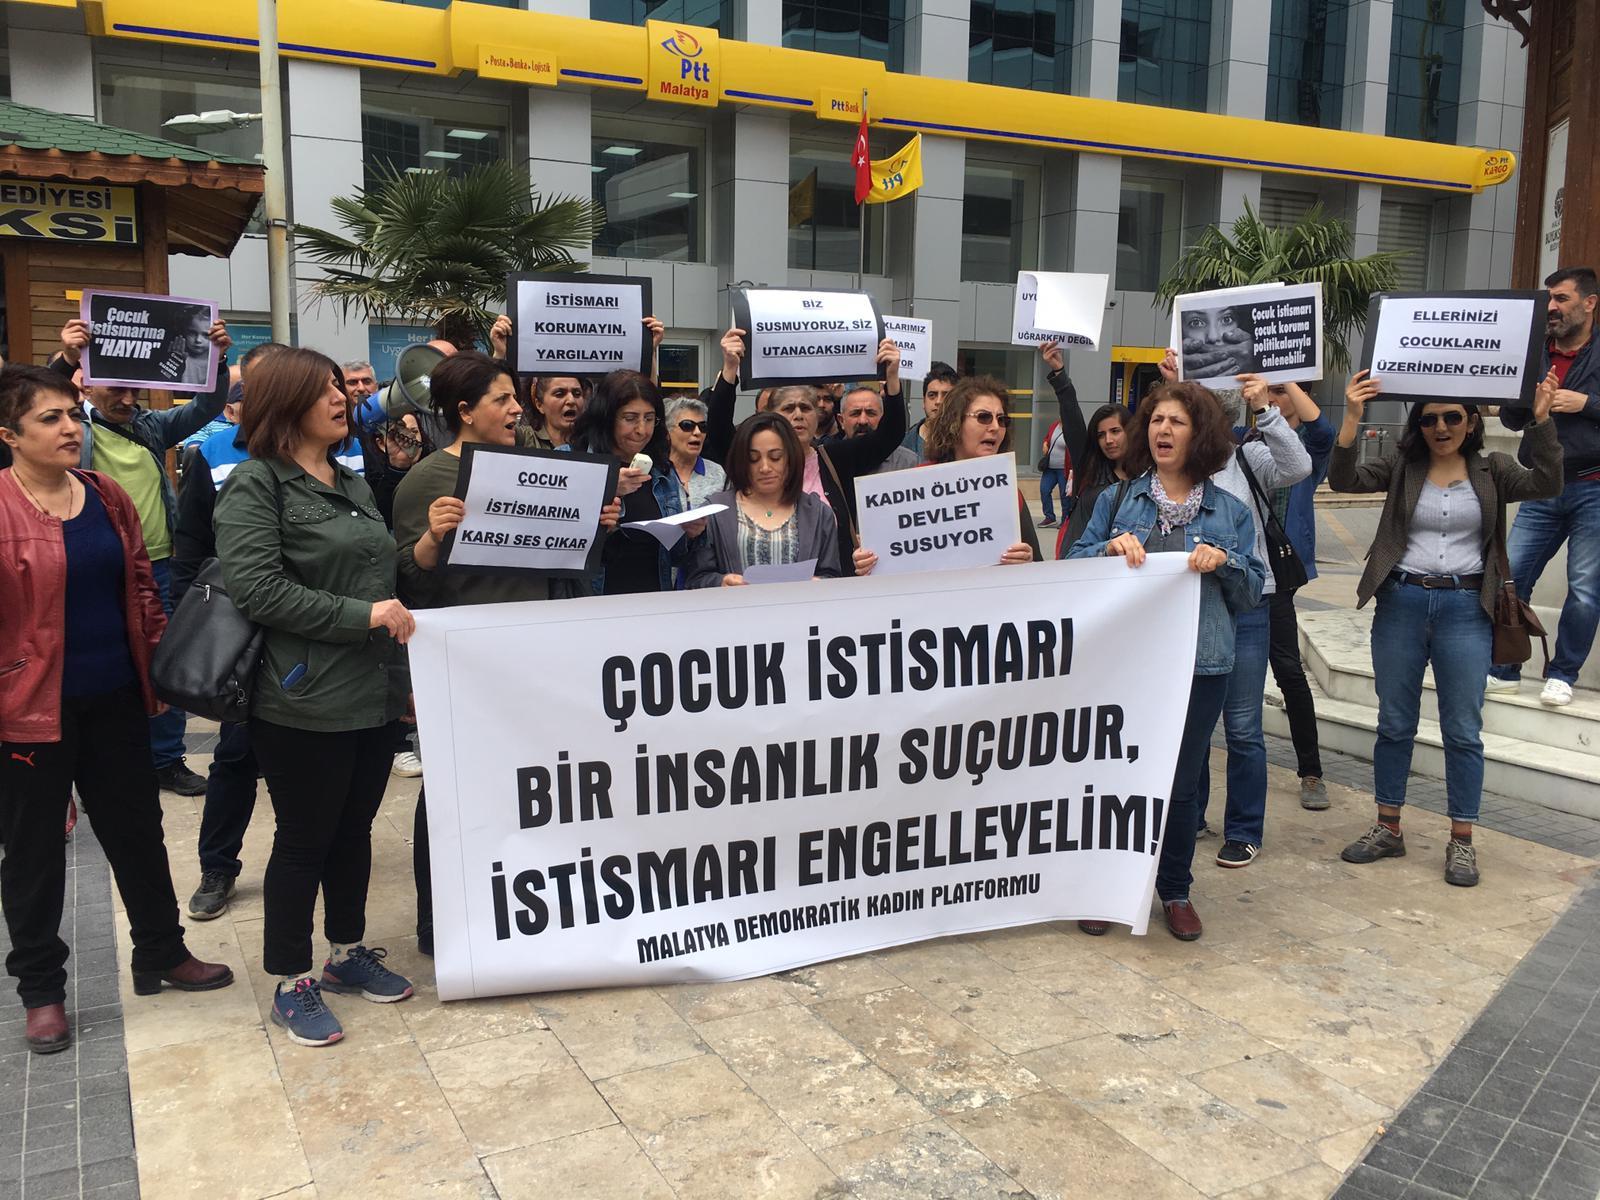 Malatya Demokratik Kadın Platformu'ndan Çocuk İstismarına Karşı Eylem